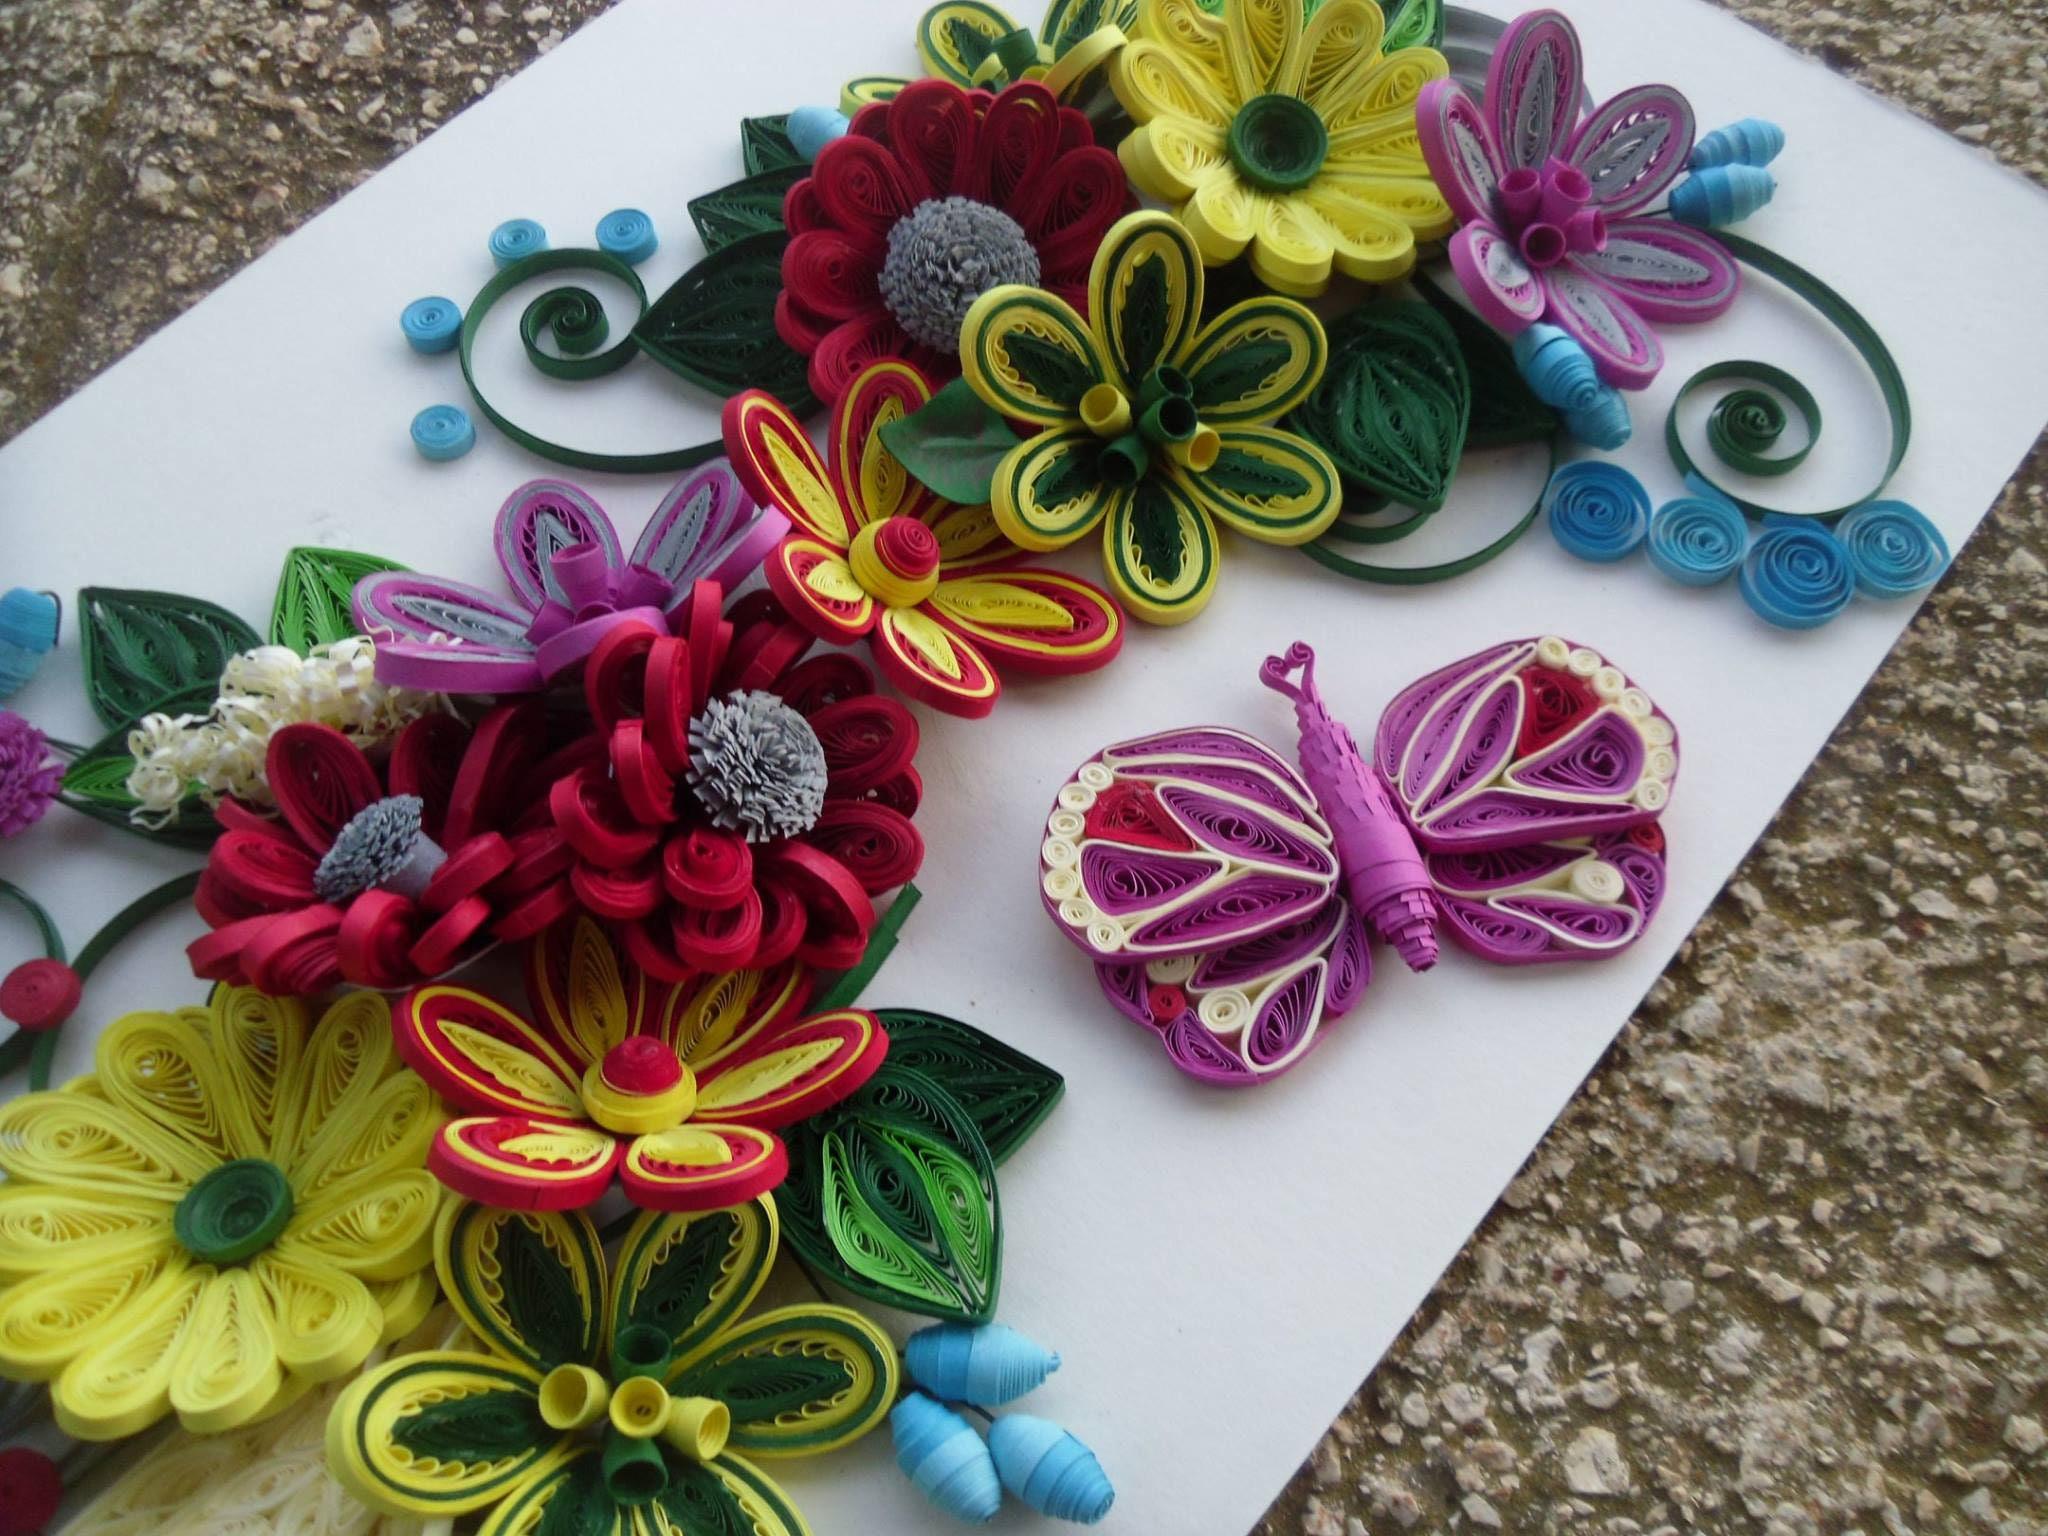 Handmade Paper Flower Wall Art Modern Quilling Floral Art Flower